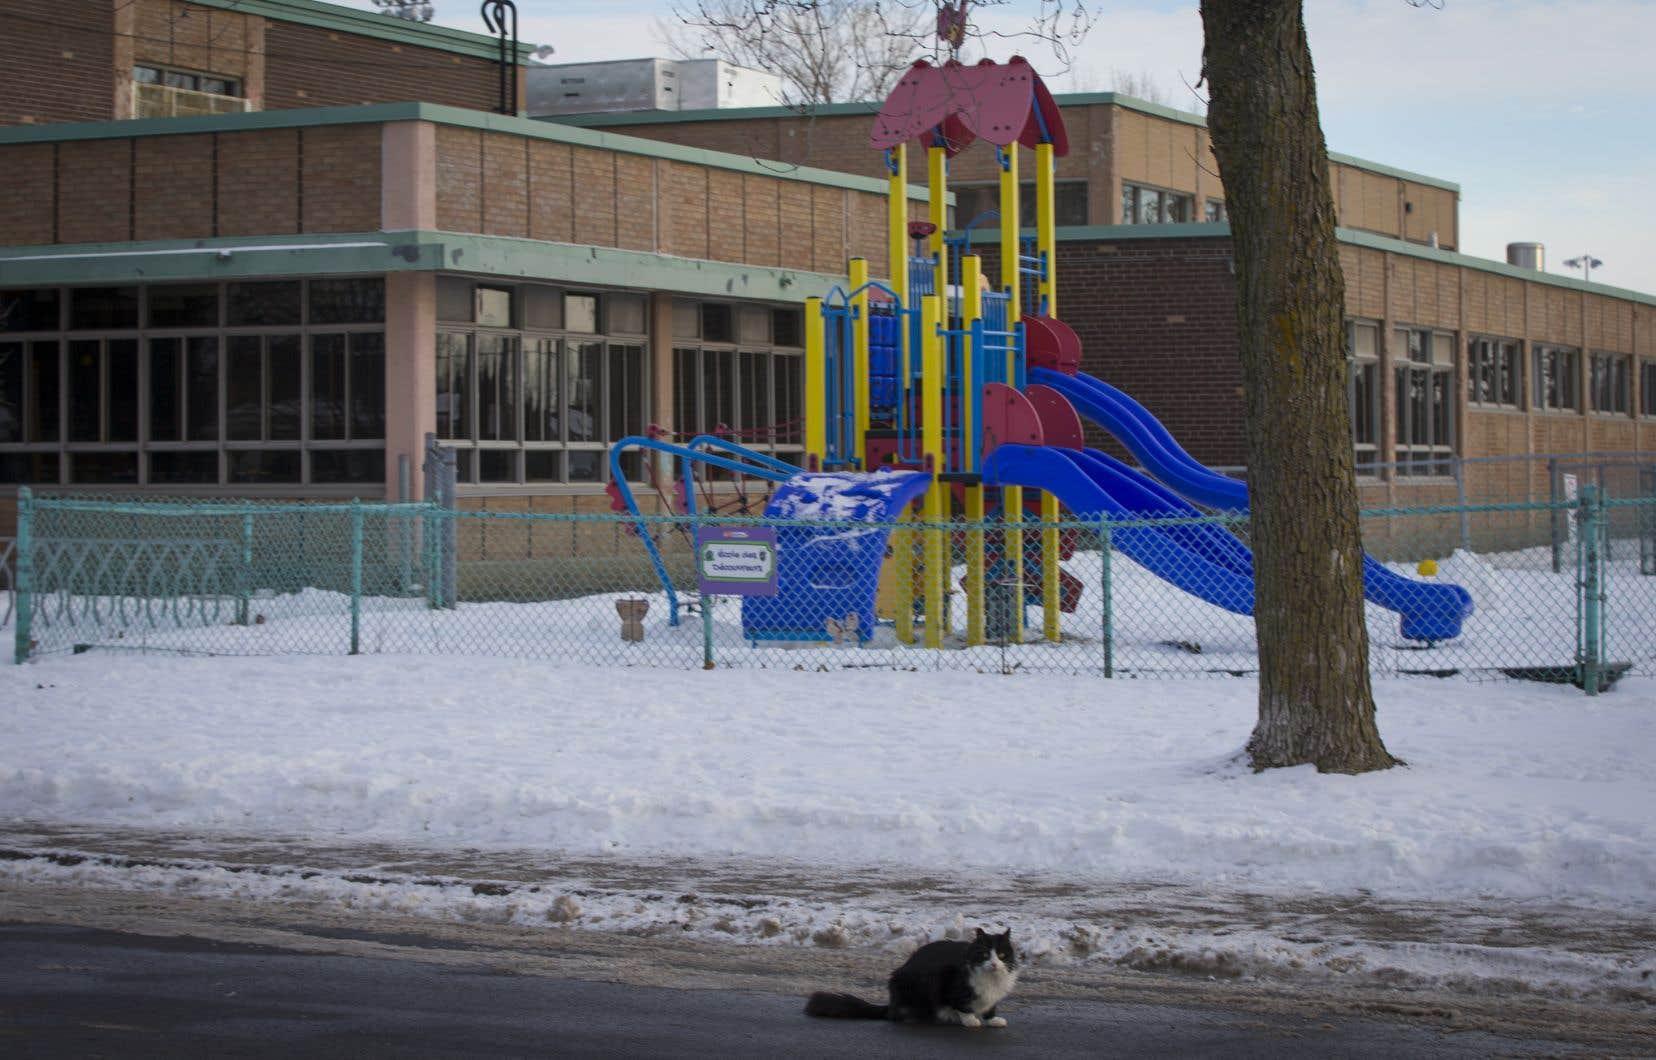 Une rupture d'un joint du système de chauffage de l'école située sur la 39eAvenue a causé une émanation de monoxyde de carbone qui a incommodé des dizaines d'élèves et d'adultes.